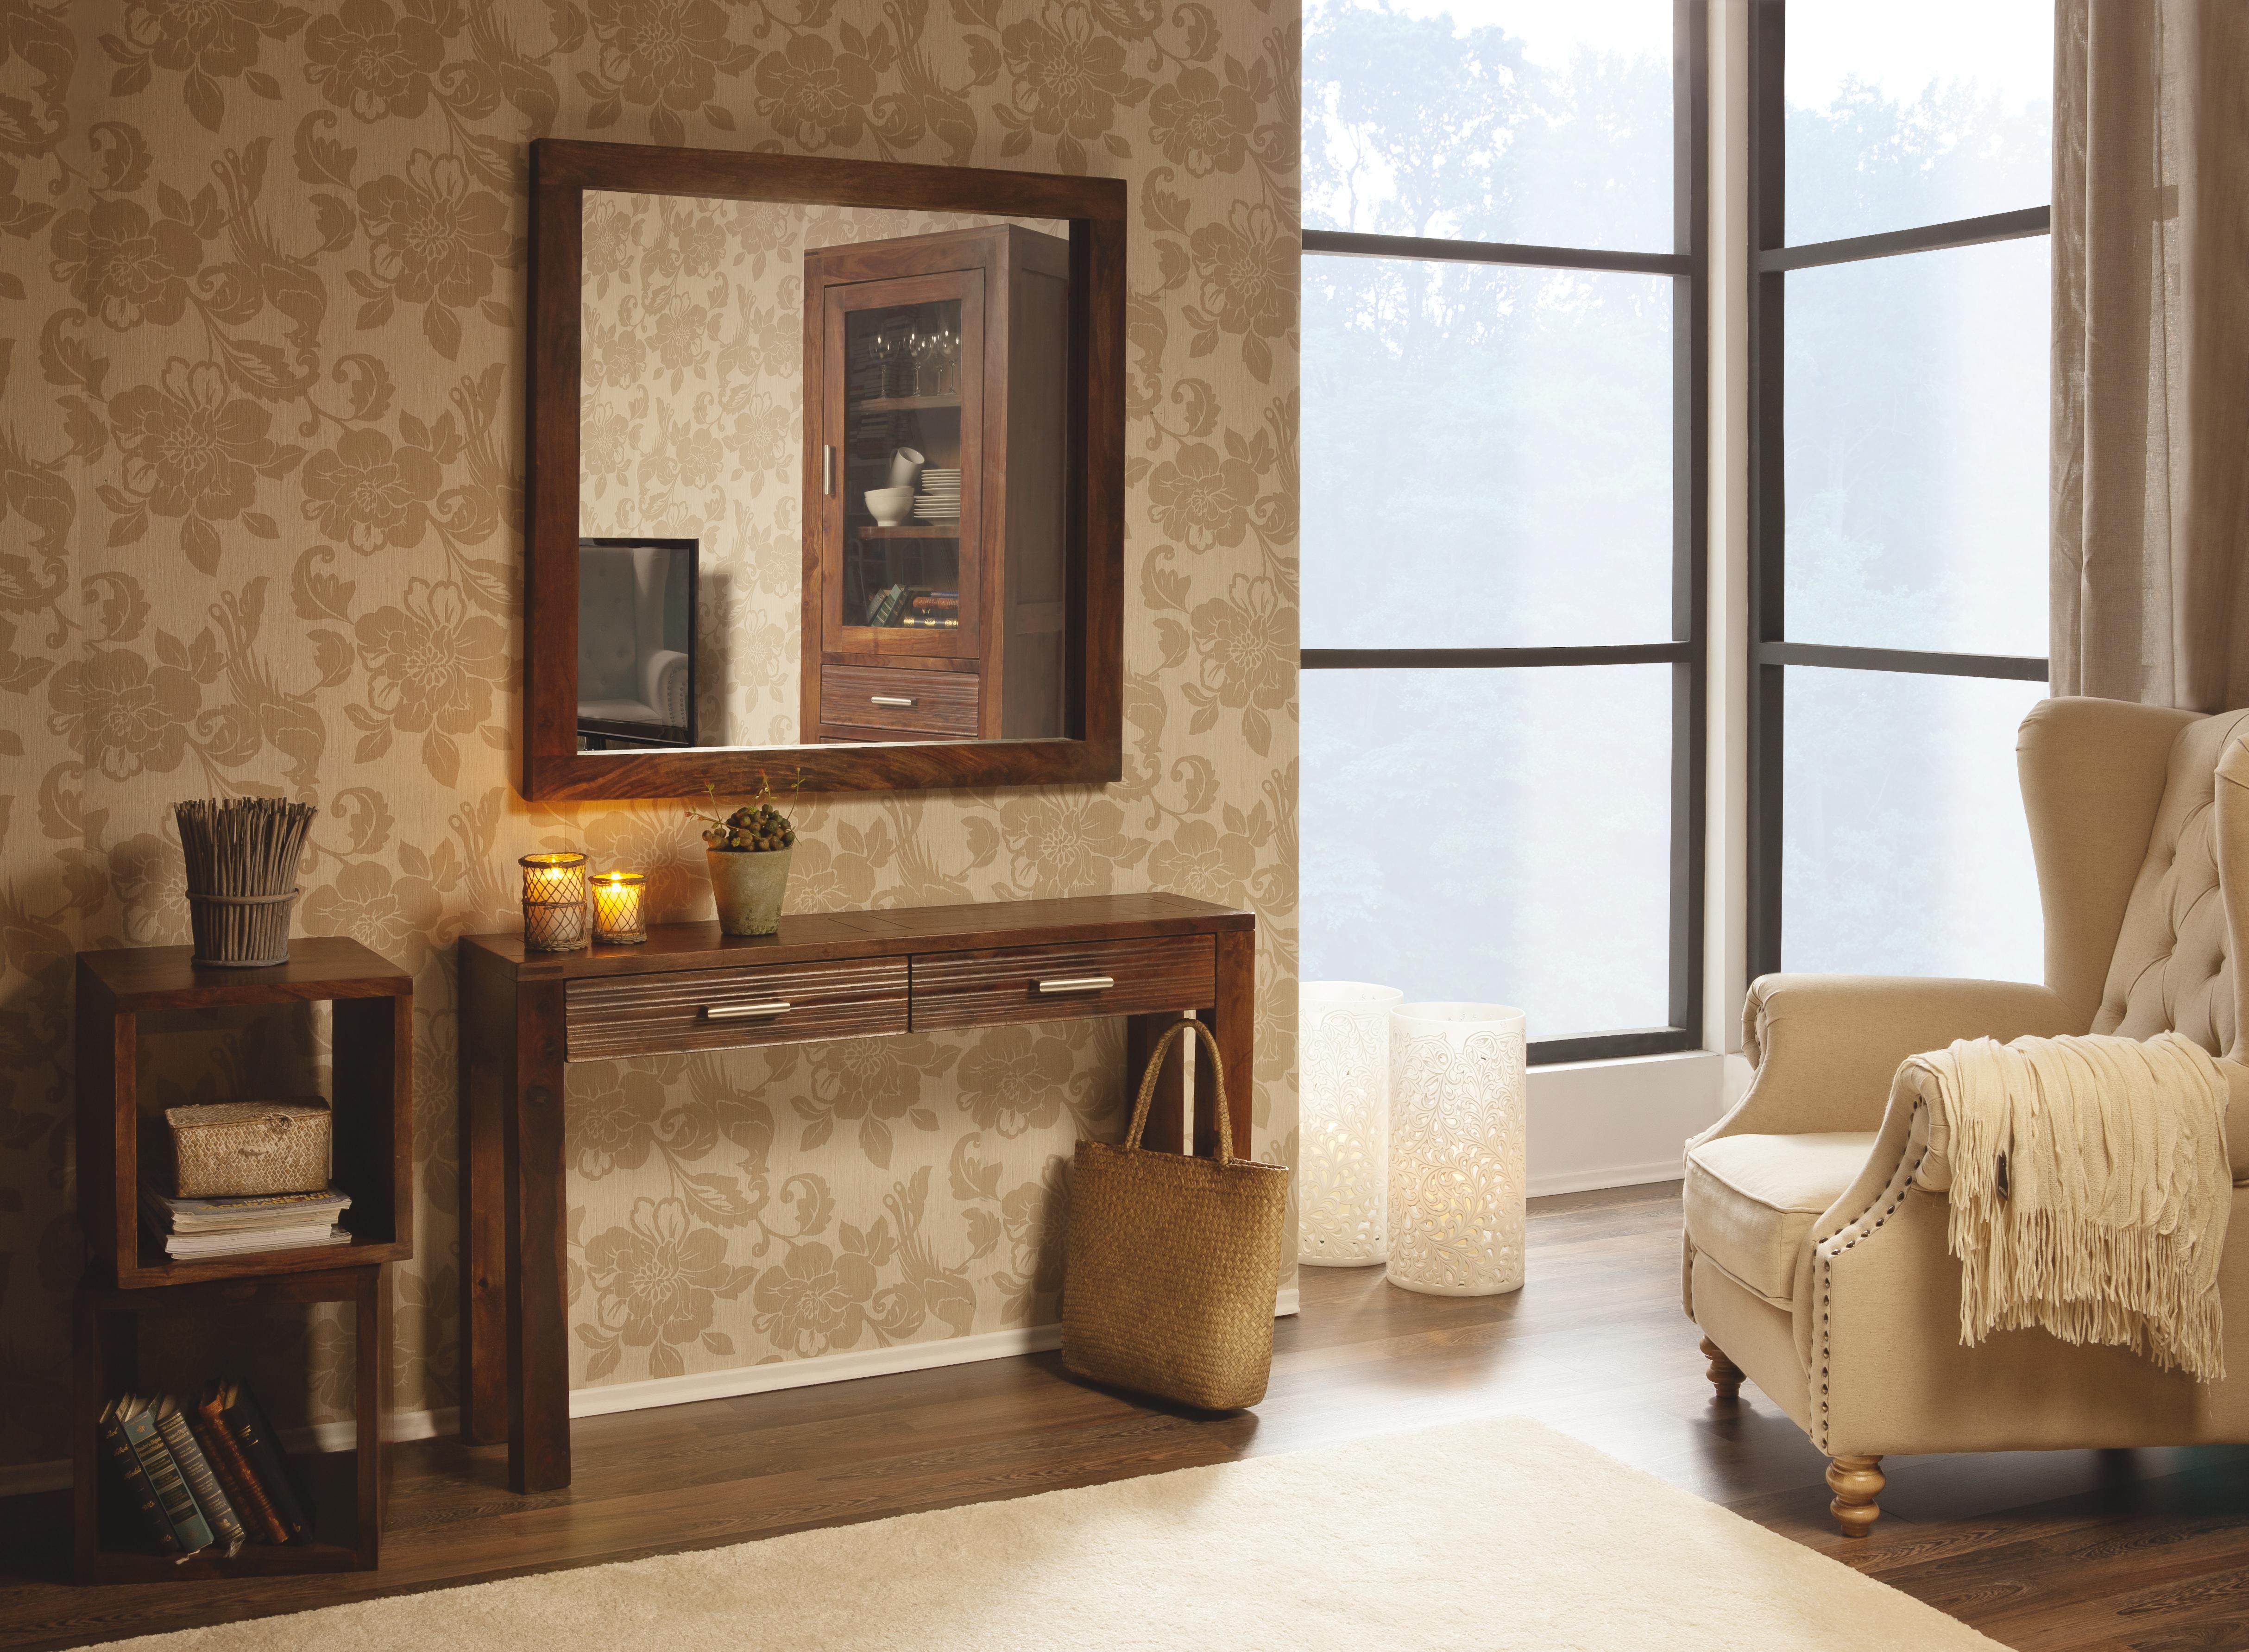 Mit Einrichtung Aus Warmem Holz In Dunklen Brauntonen Und In Cremefarben Kommen Sie Gut Durch Den Herbst Finden Sie Jetz Wohnen Einrichtung Zuhause